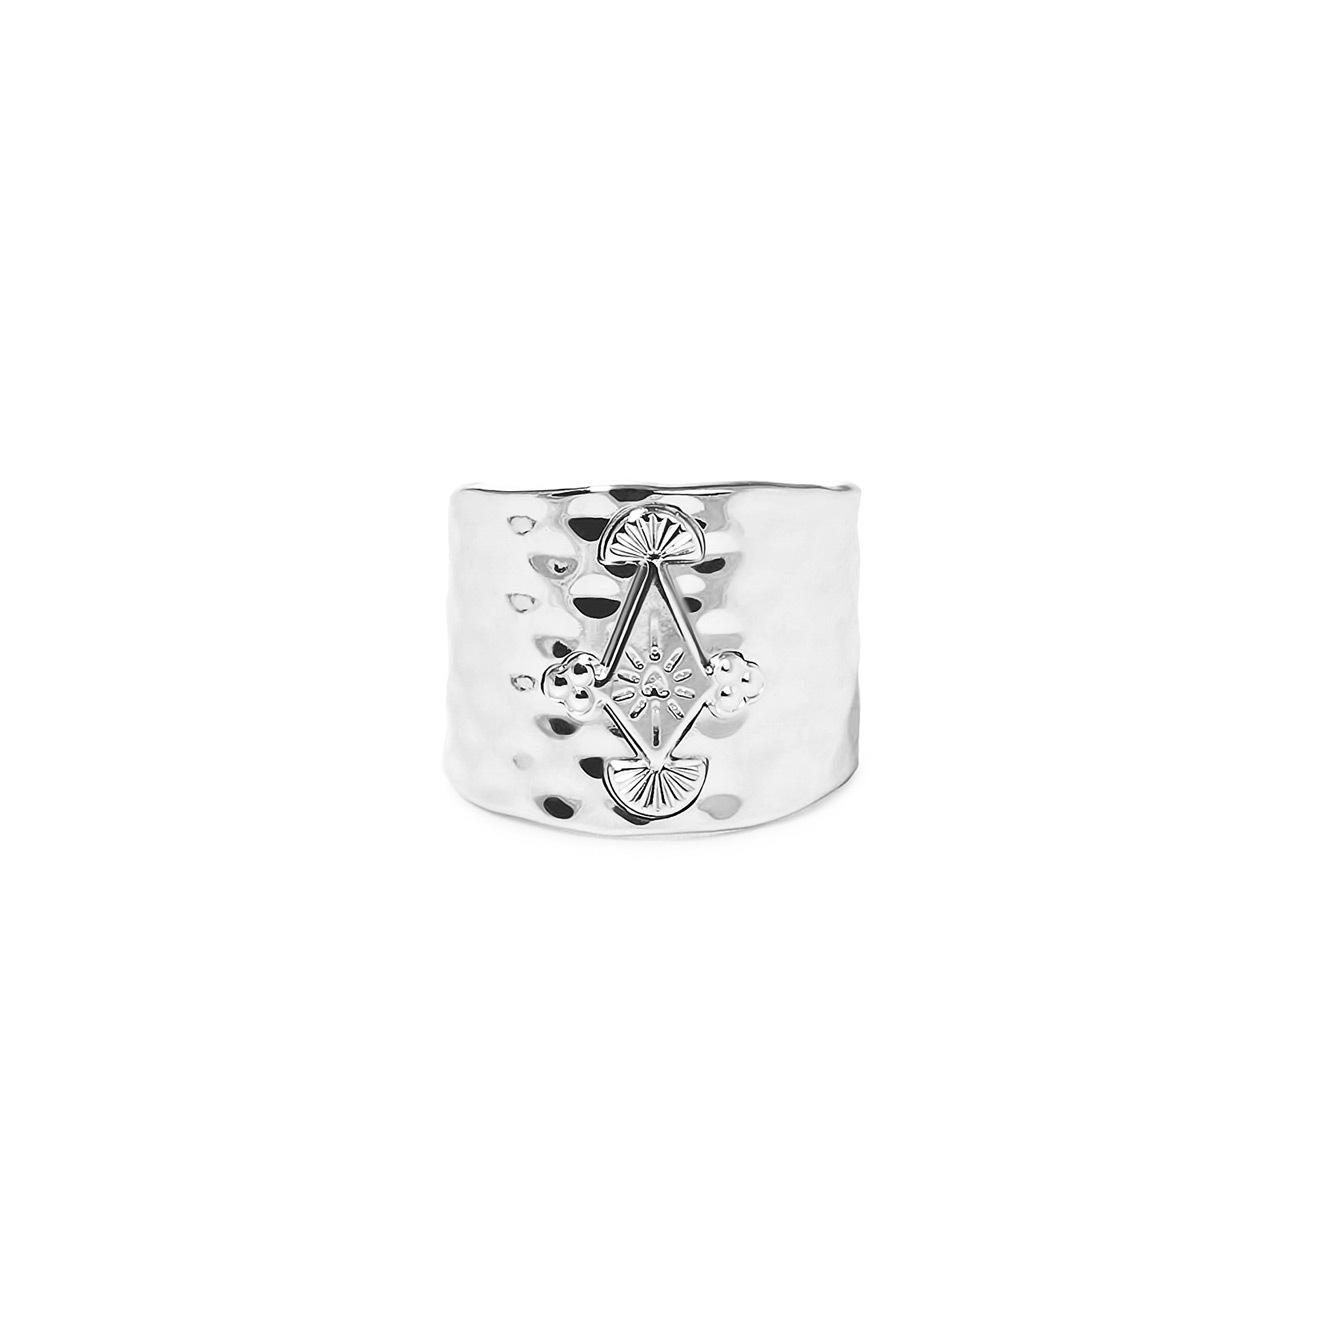 Mya Bay Покрытое серебром кольцо Trinidad